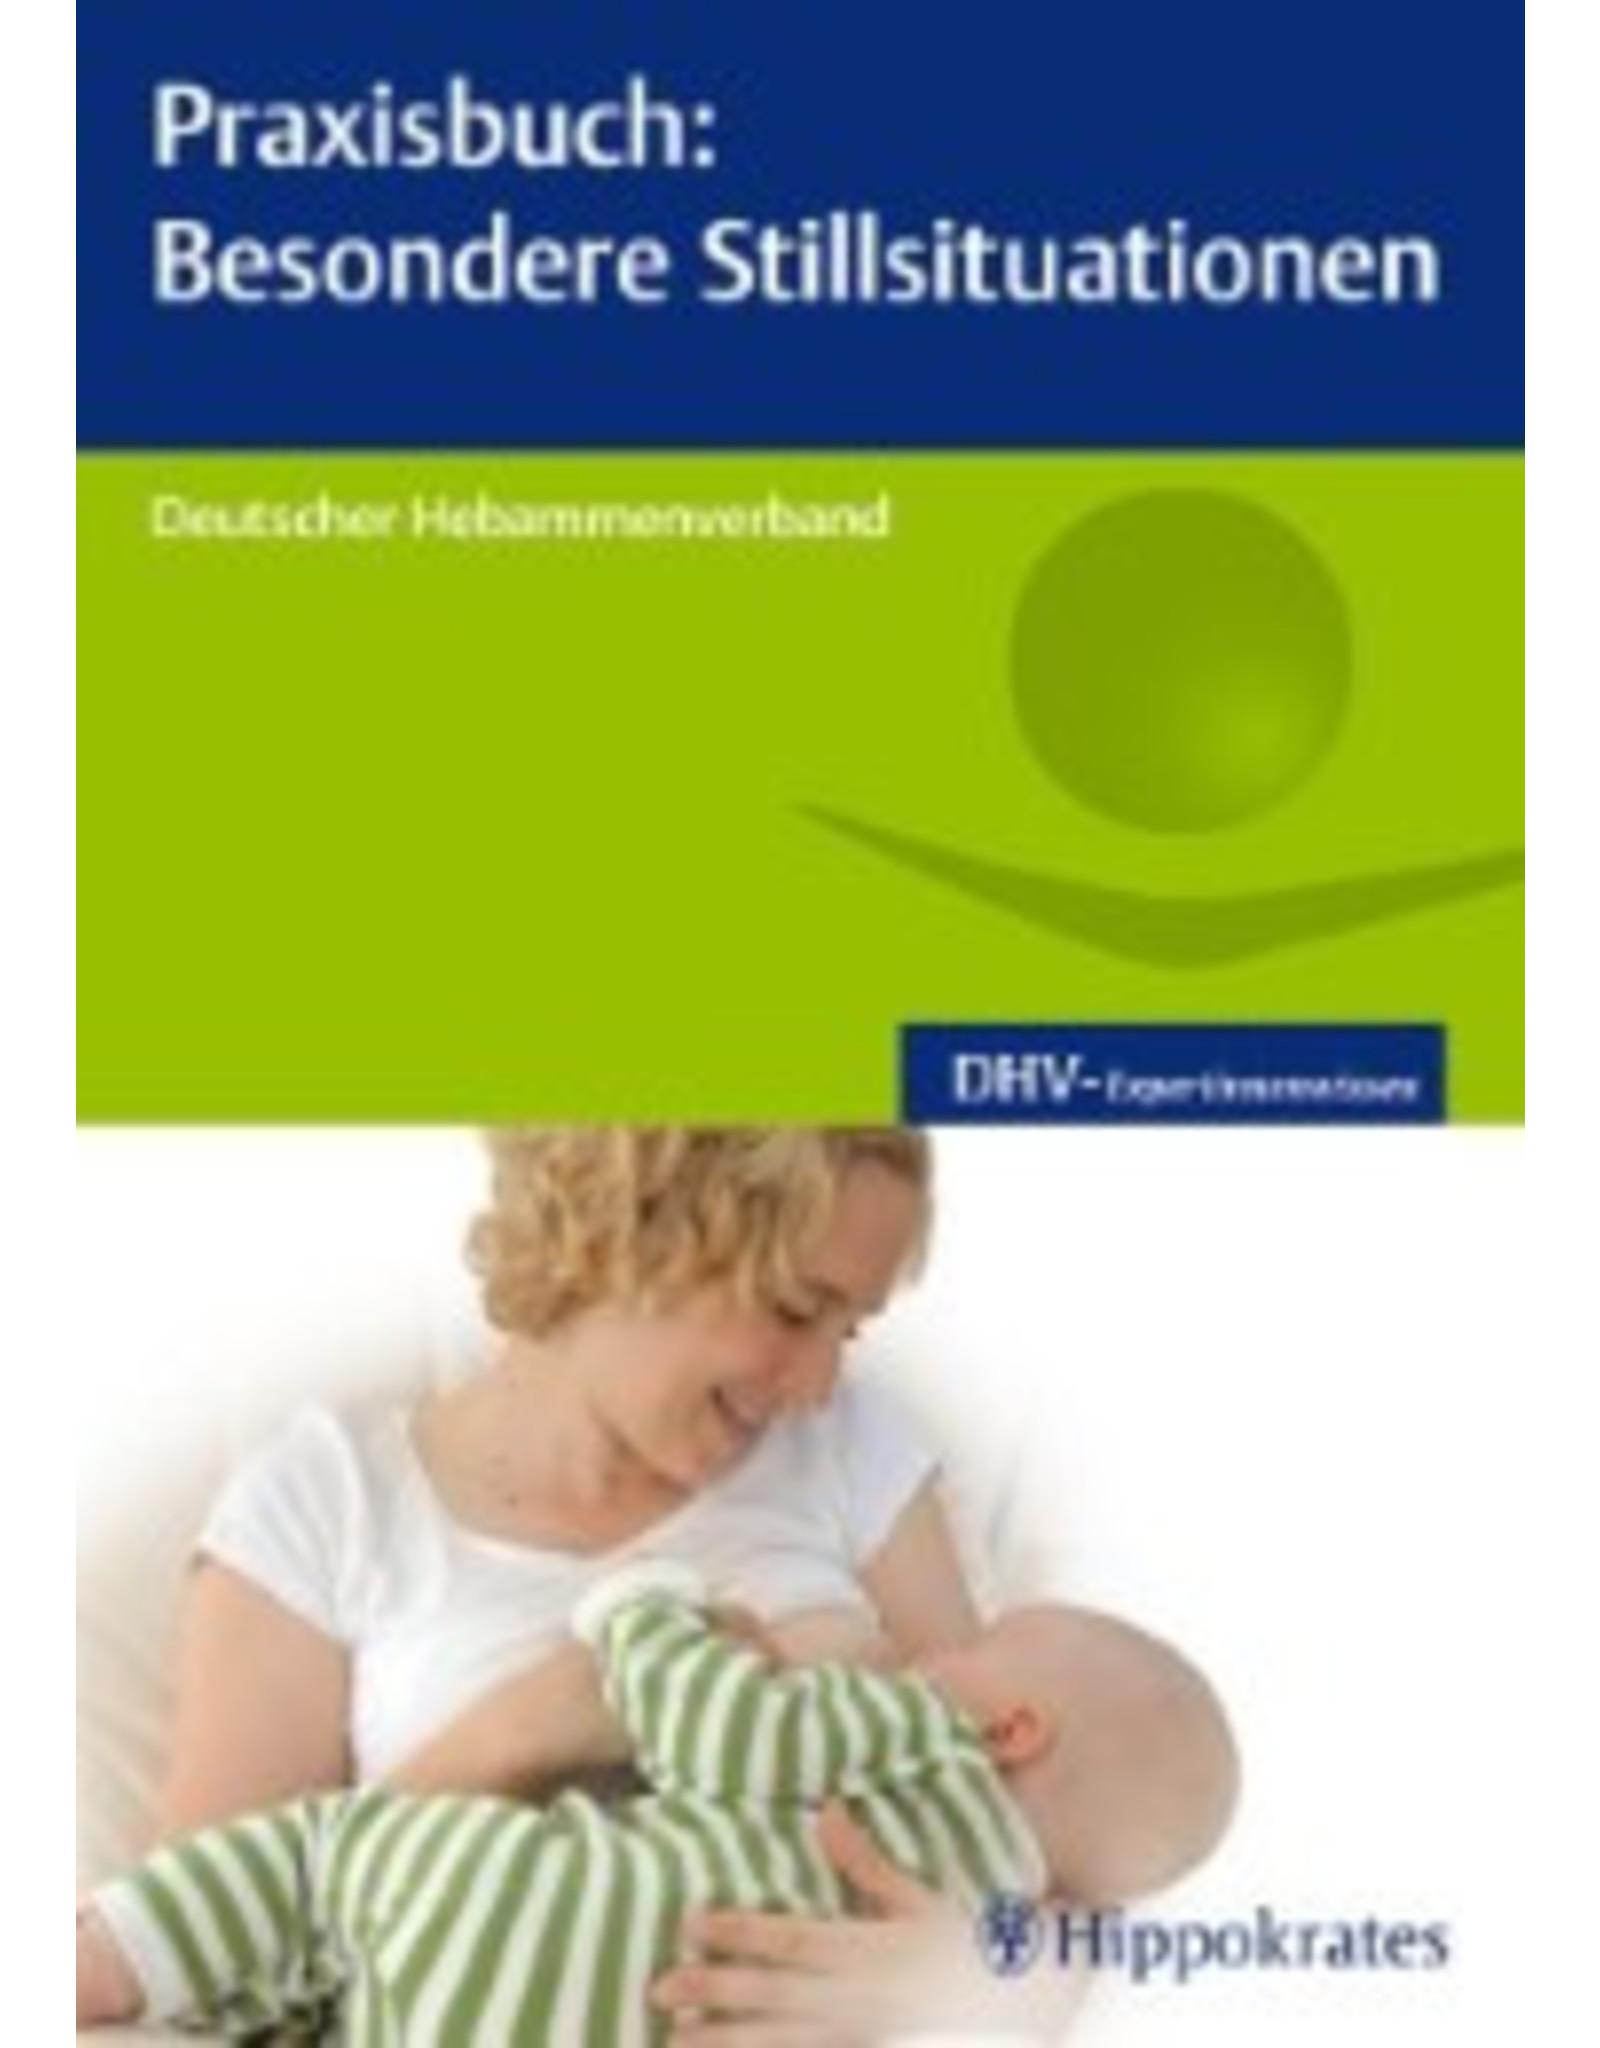 Hippokrates Praxisbuch: Besondere Stillsituationen